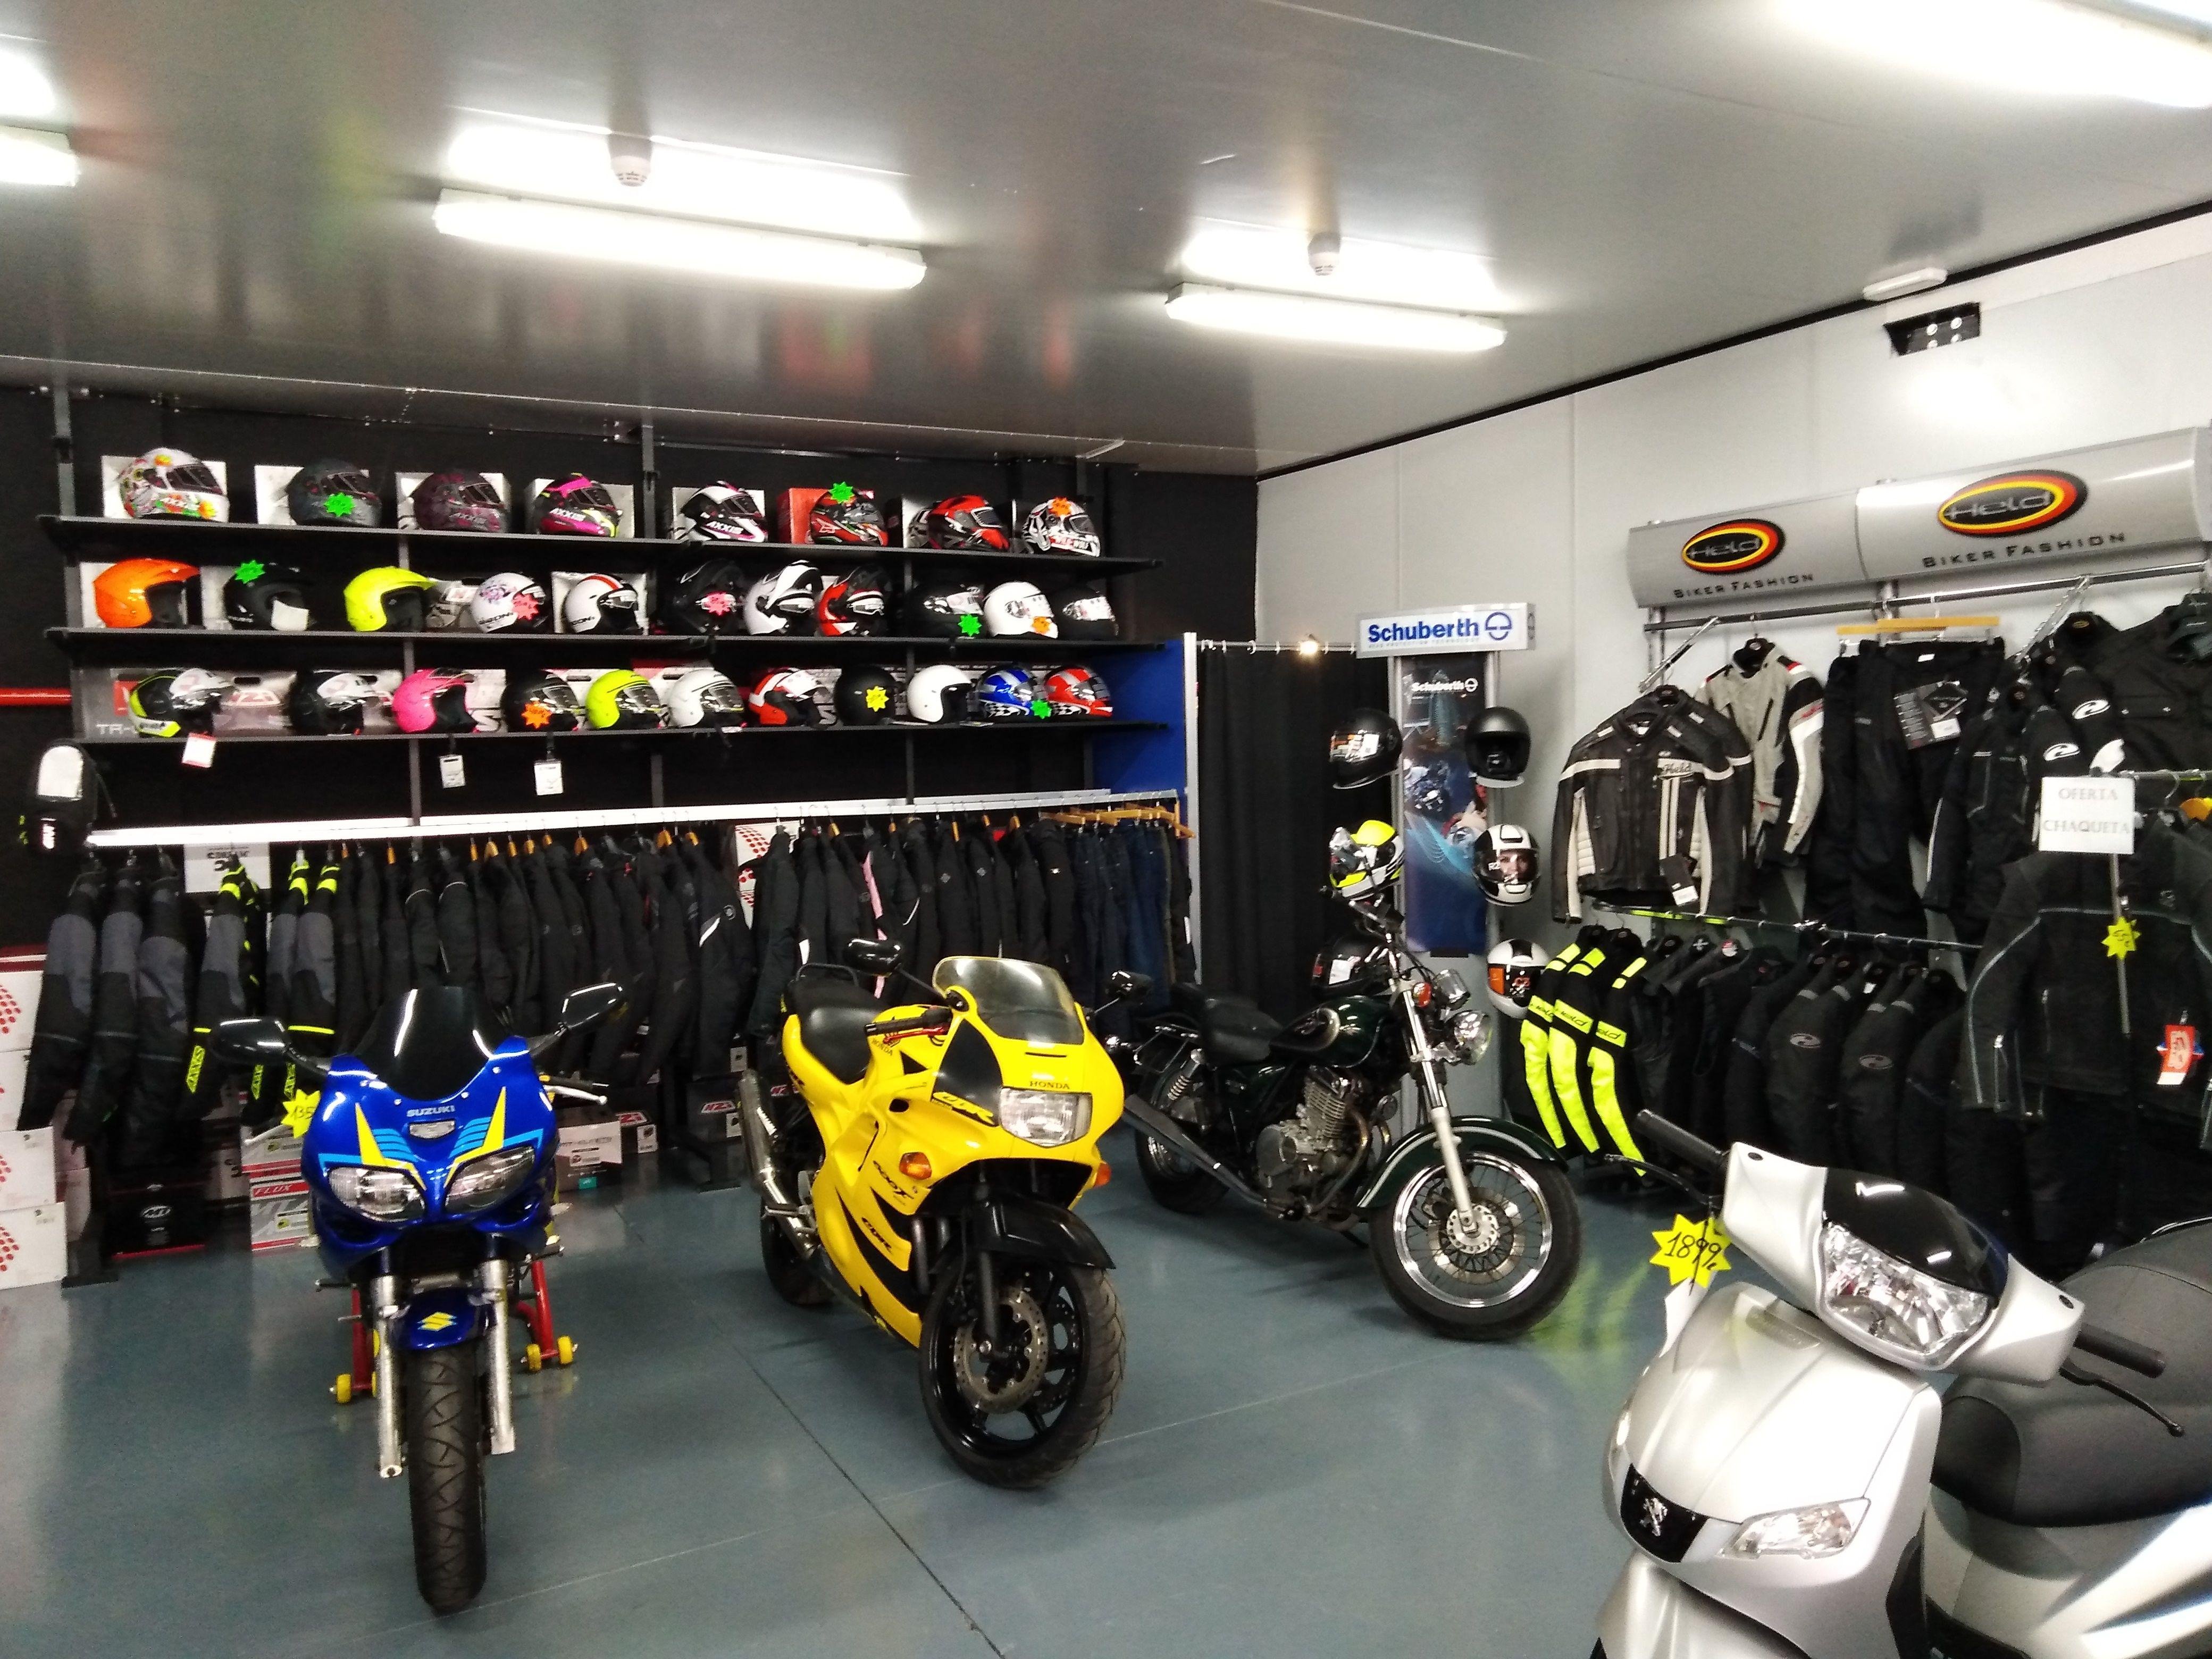 ¿Estás pensando en comprar una moto? Visítanos